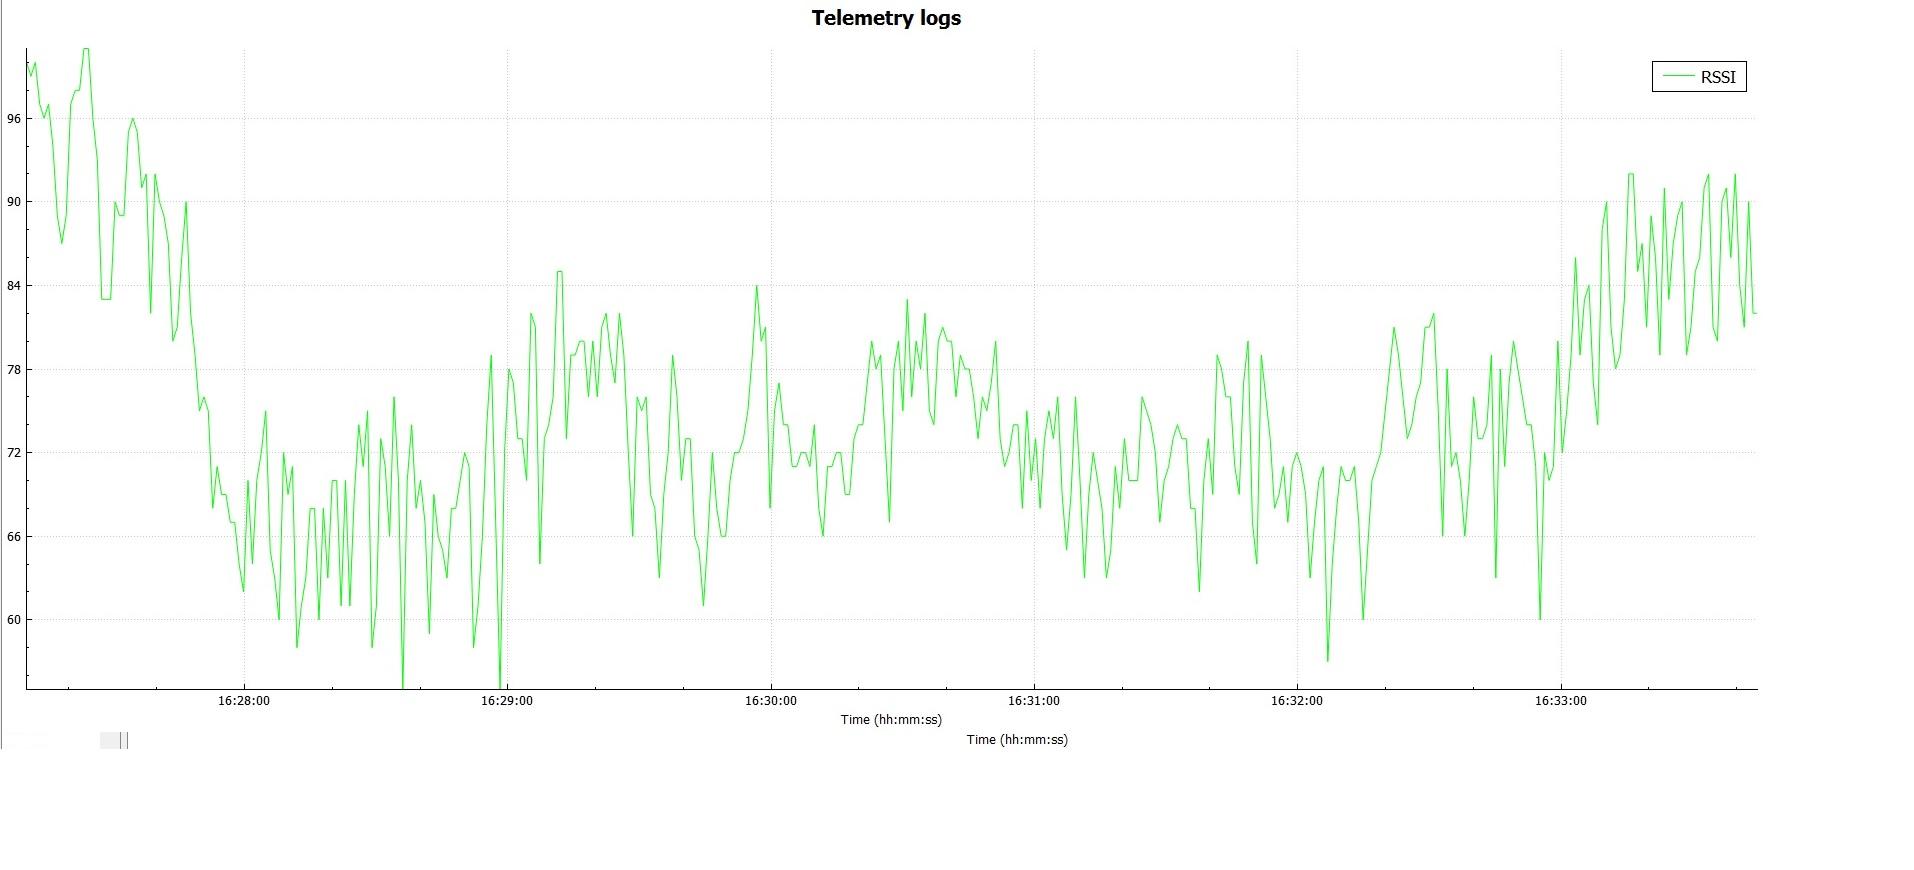 GPS Logfile RSSI van 0 tot 100 m..jpg